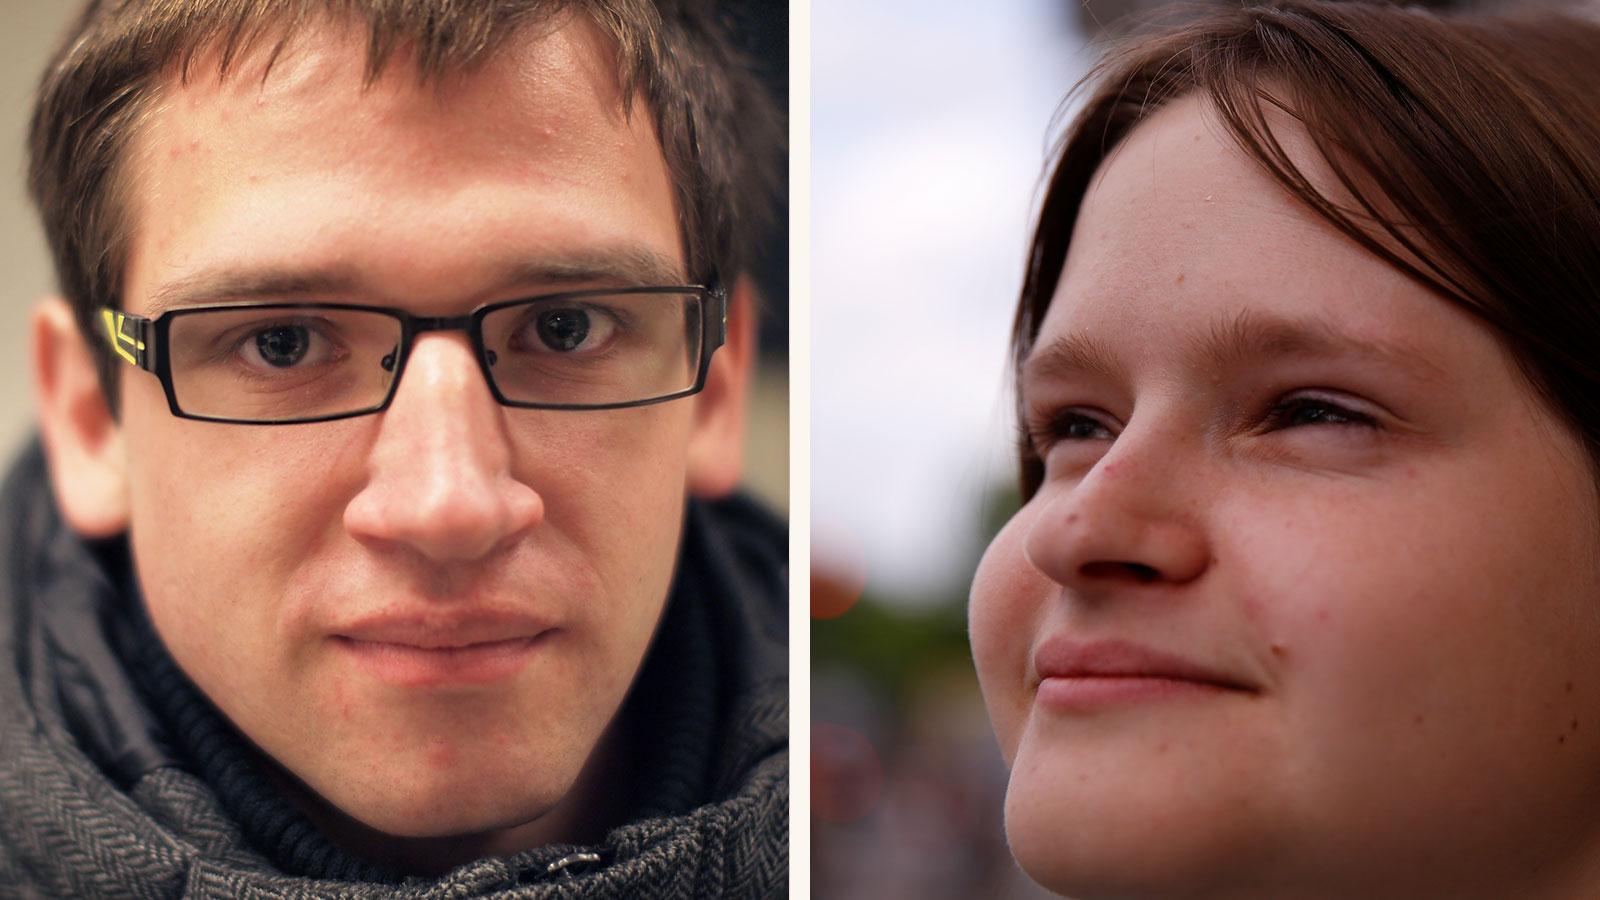 Porträts von Marvin und Johanna